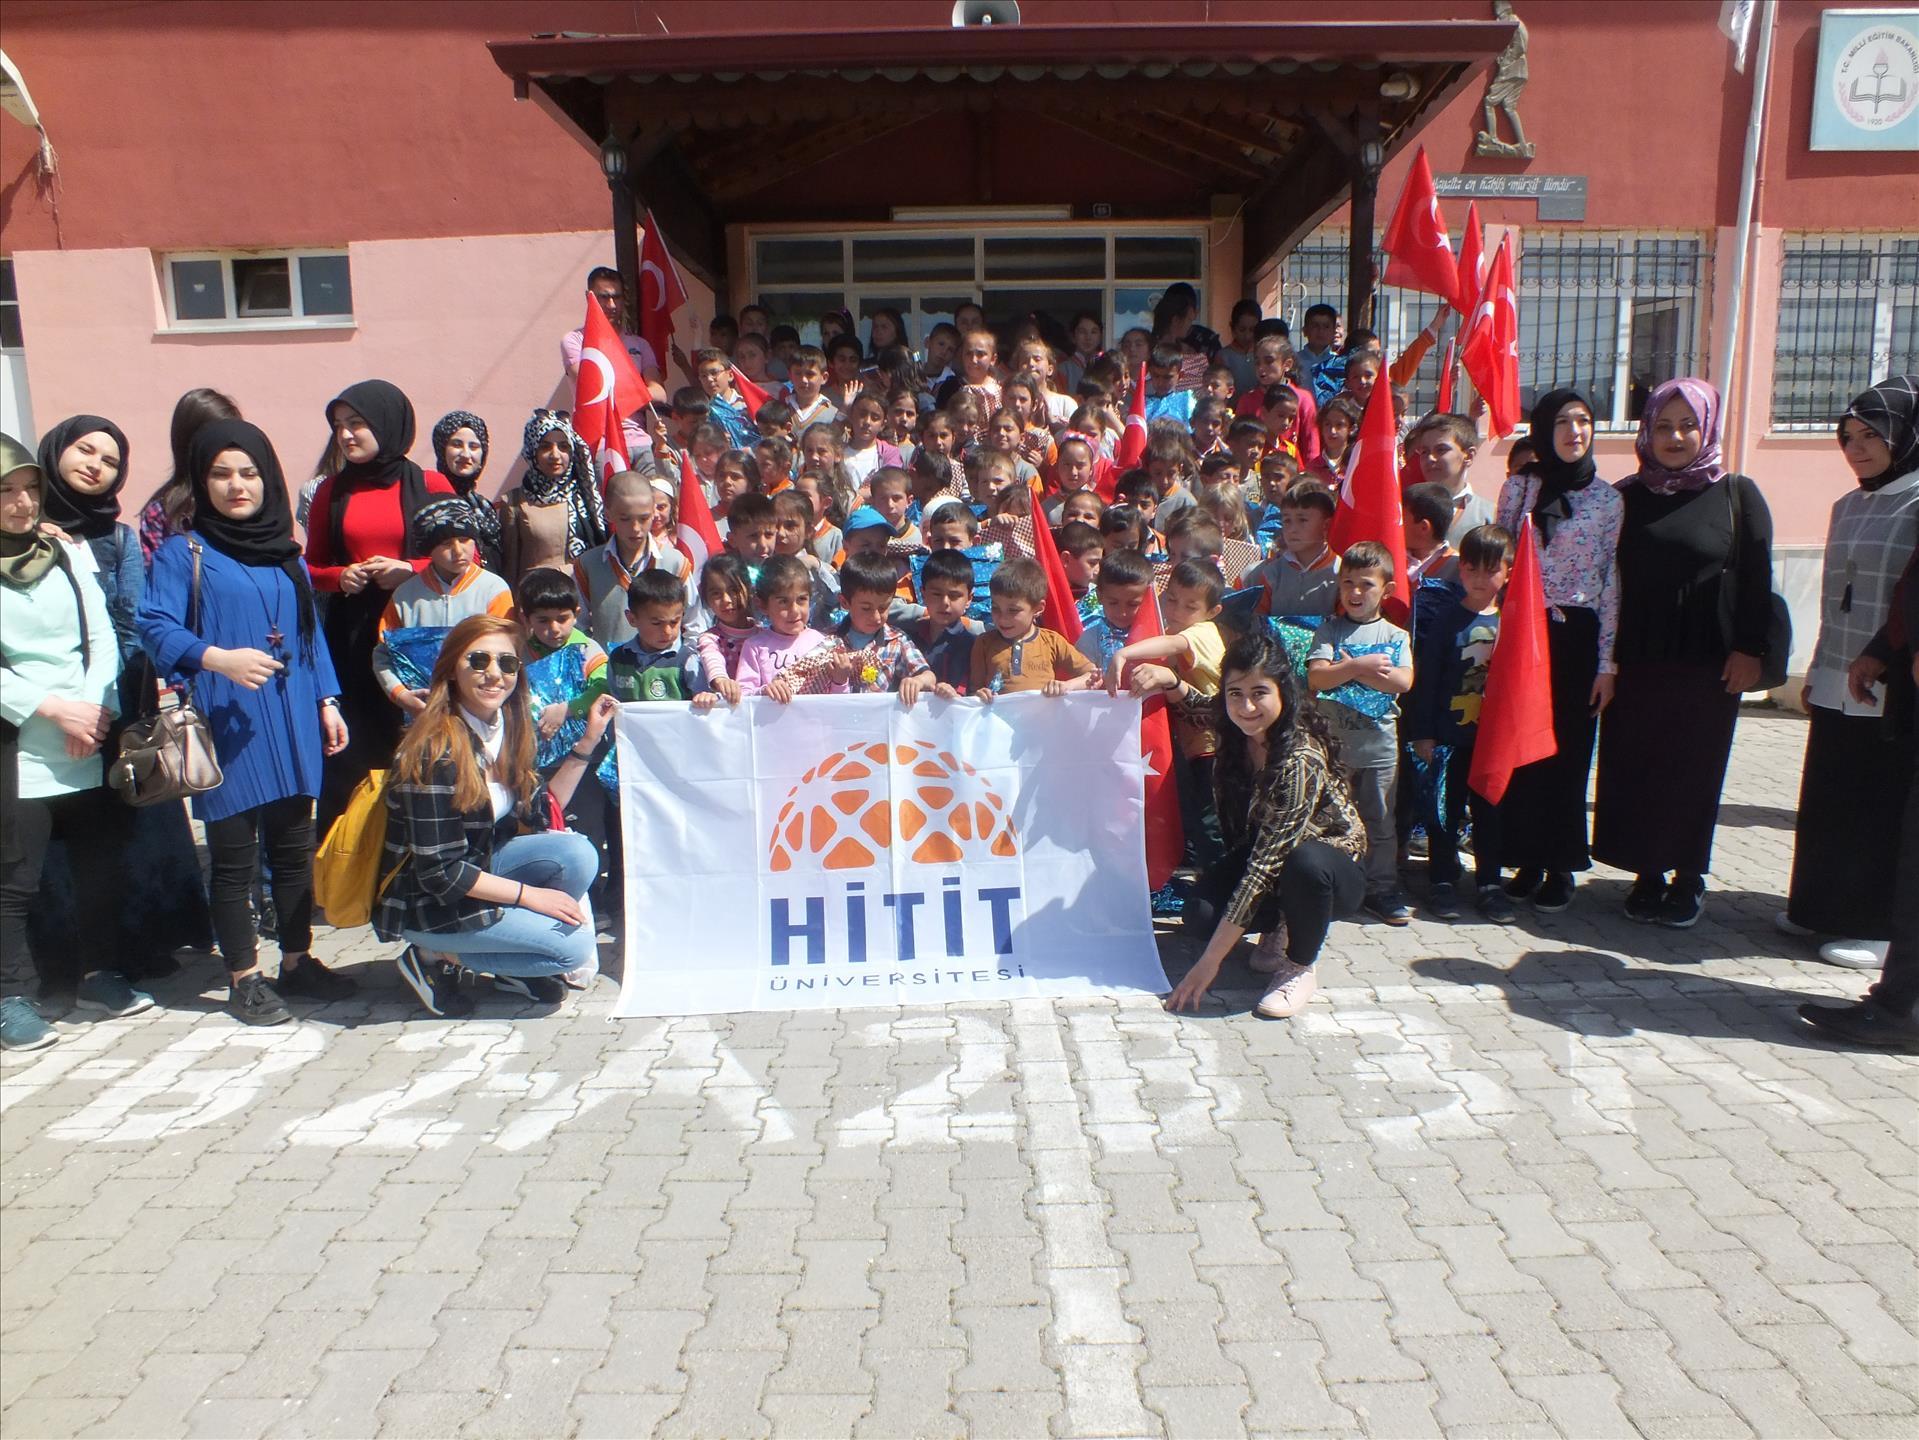 İskilip Meslek Yüksekokulu Öğrencilerinin Kuz Köyü İlkokulu Yardımlaşma Ziyareti